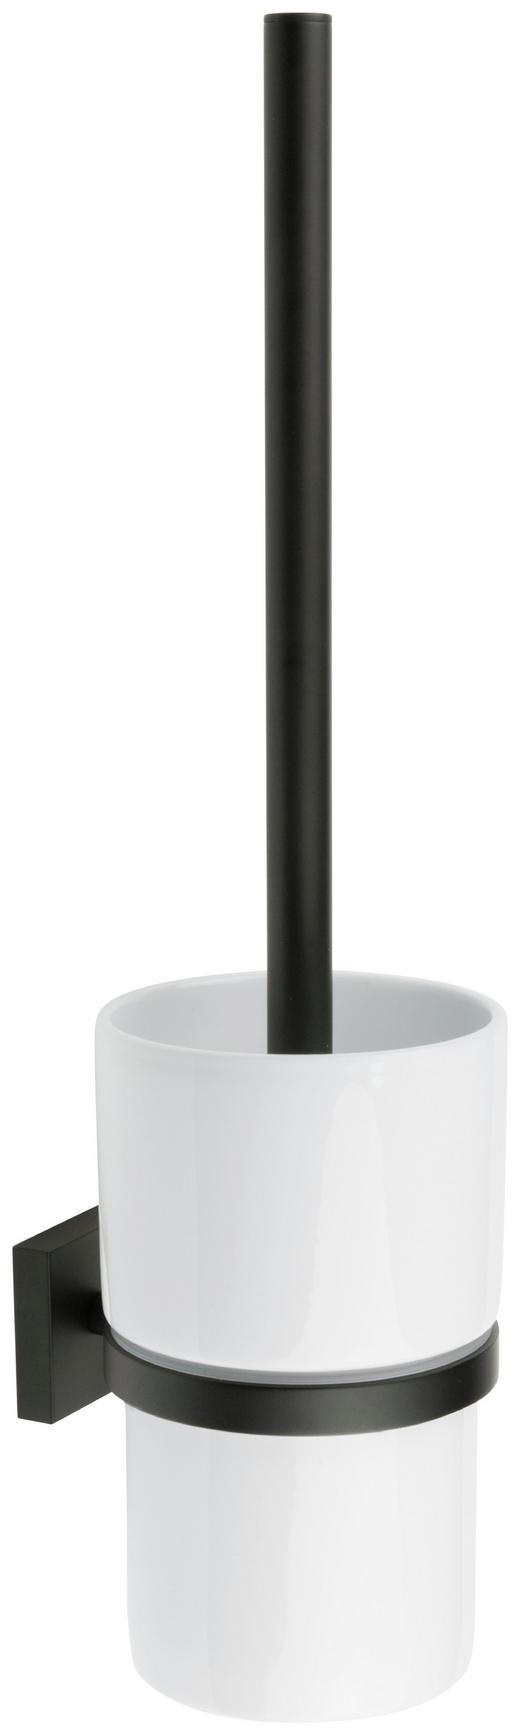 WC-BÜRSTENGARNITUR - Schwarz/Weiß, Design, Keramik/Kunststoff (11,9/38/11,9cm)